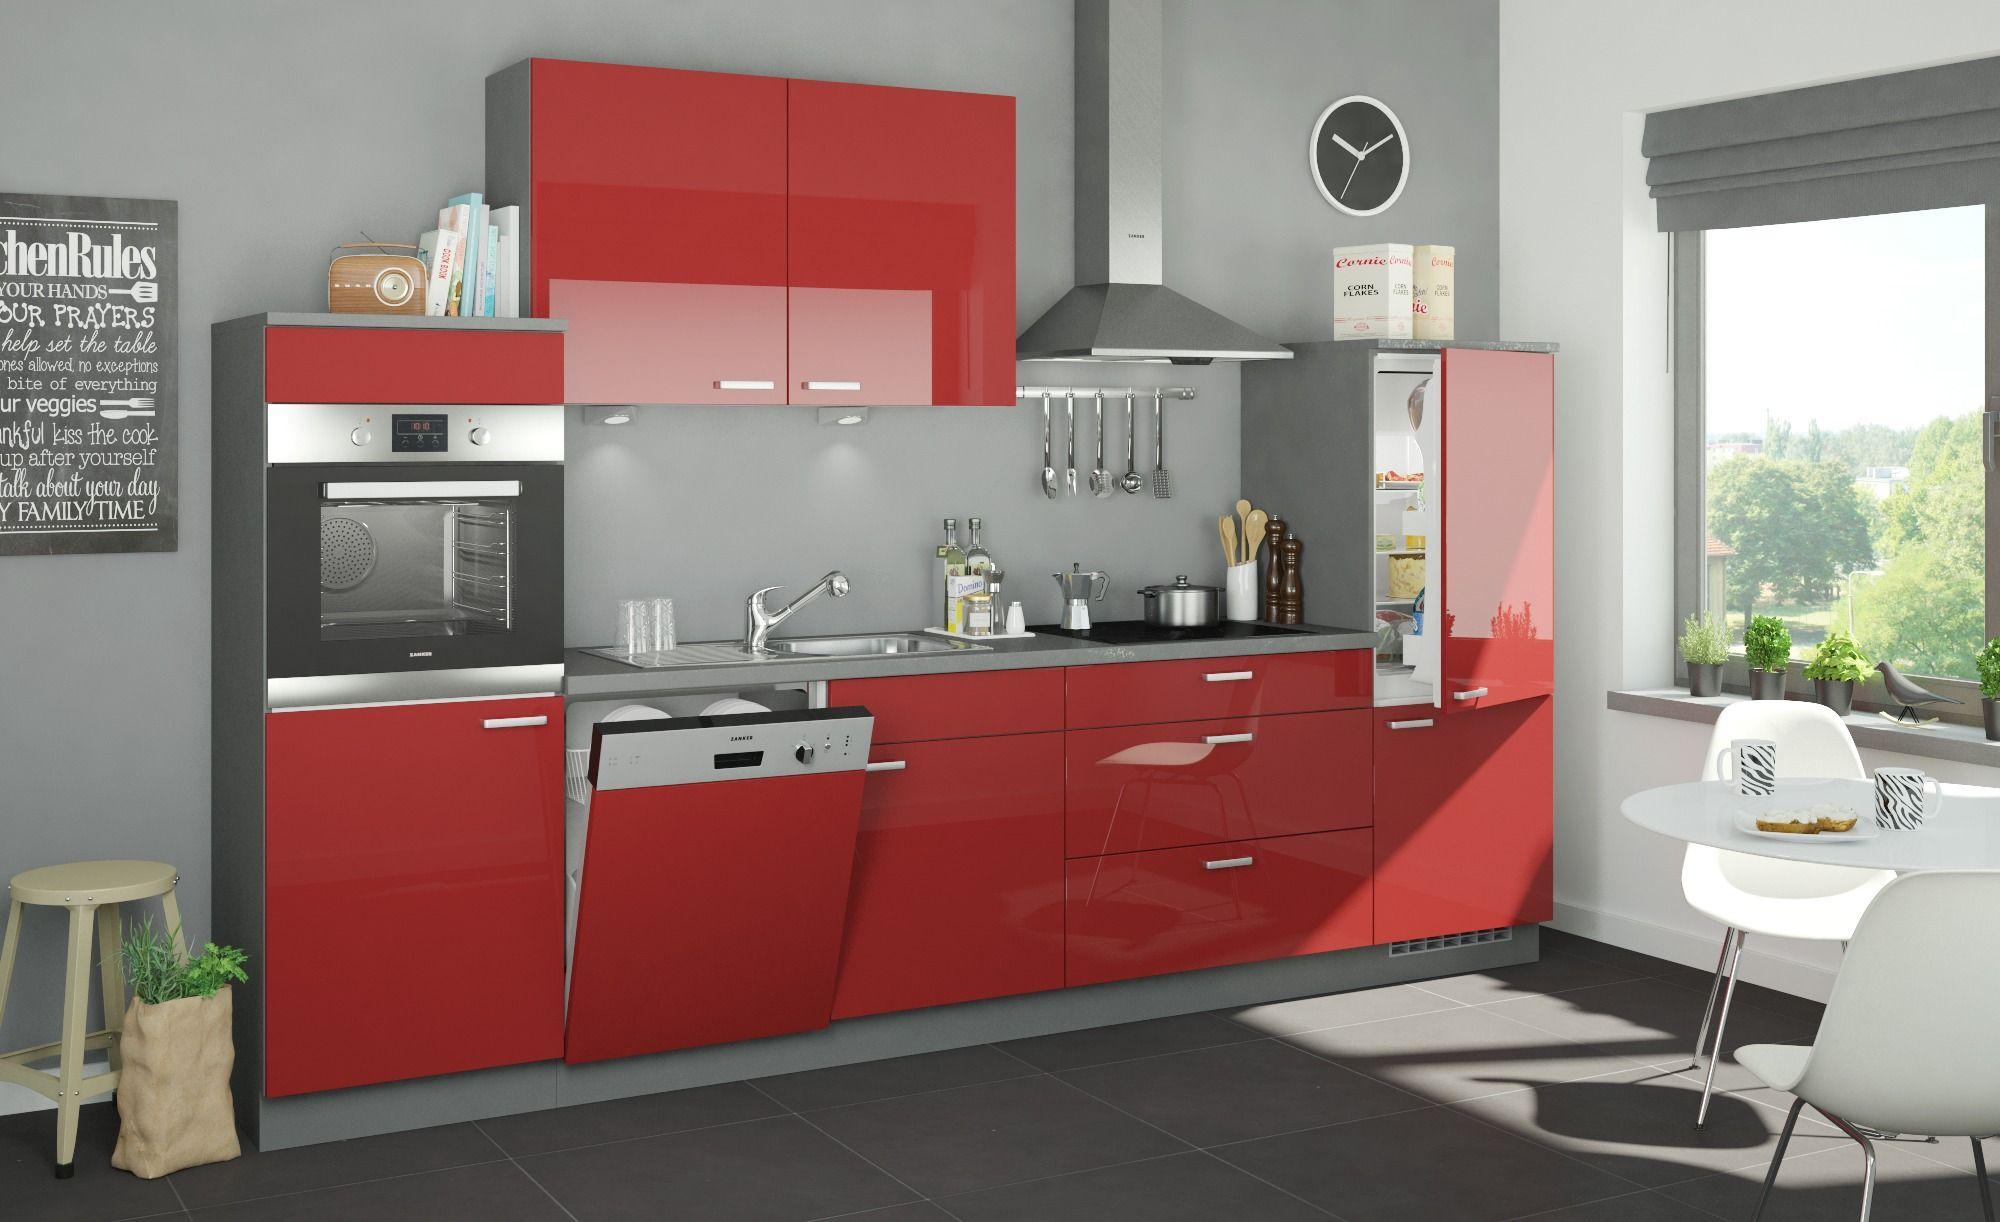 Full Size of Küche Ohne Elektrogeräte Roller Küche Ohne Elektrogeräte Küche Ohne Elektrogeräte Gebraucht Was Kostet Eine Küche Ohne Elektrogeräte Küche Küche Ohne Elektrogeräte